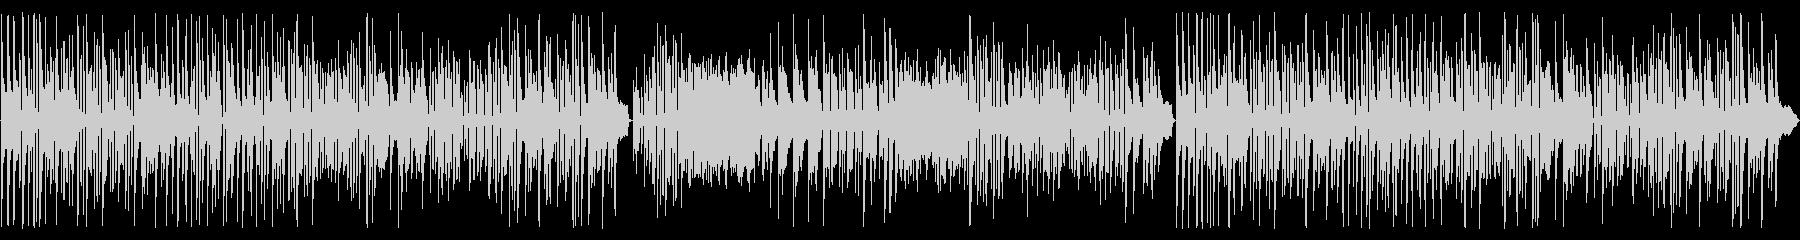 ヘンデルの水上の音楽をピアノ演奏での未再生の波形